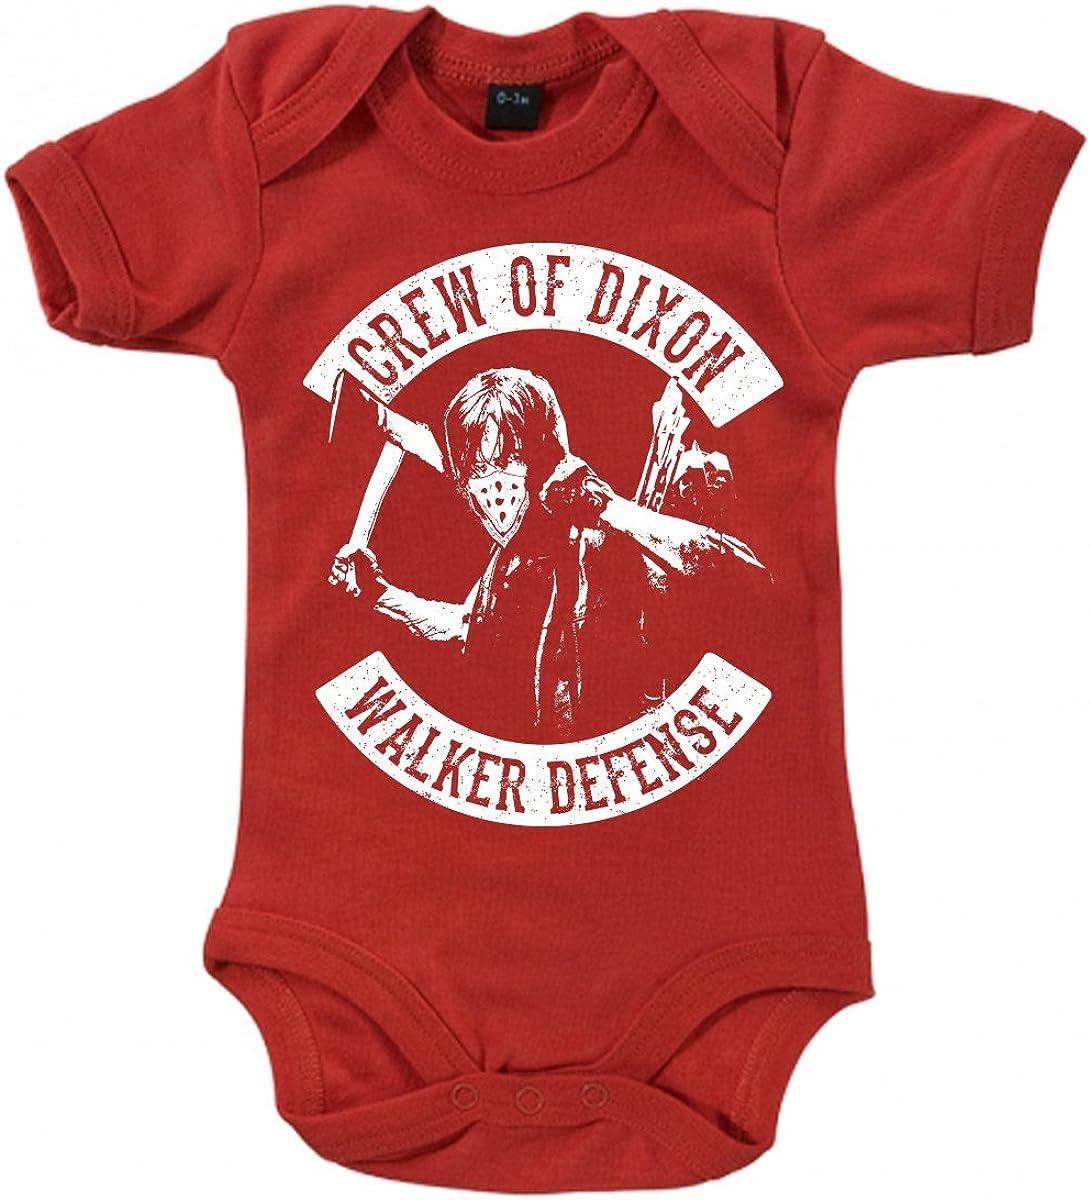 clothinx Baby Body Unisex Crew of Dixon